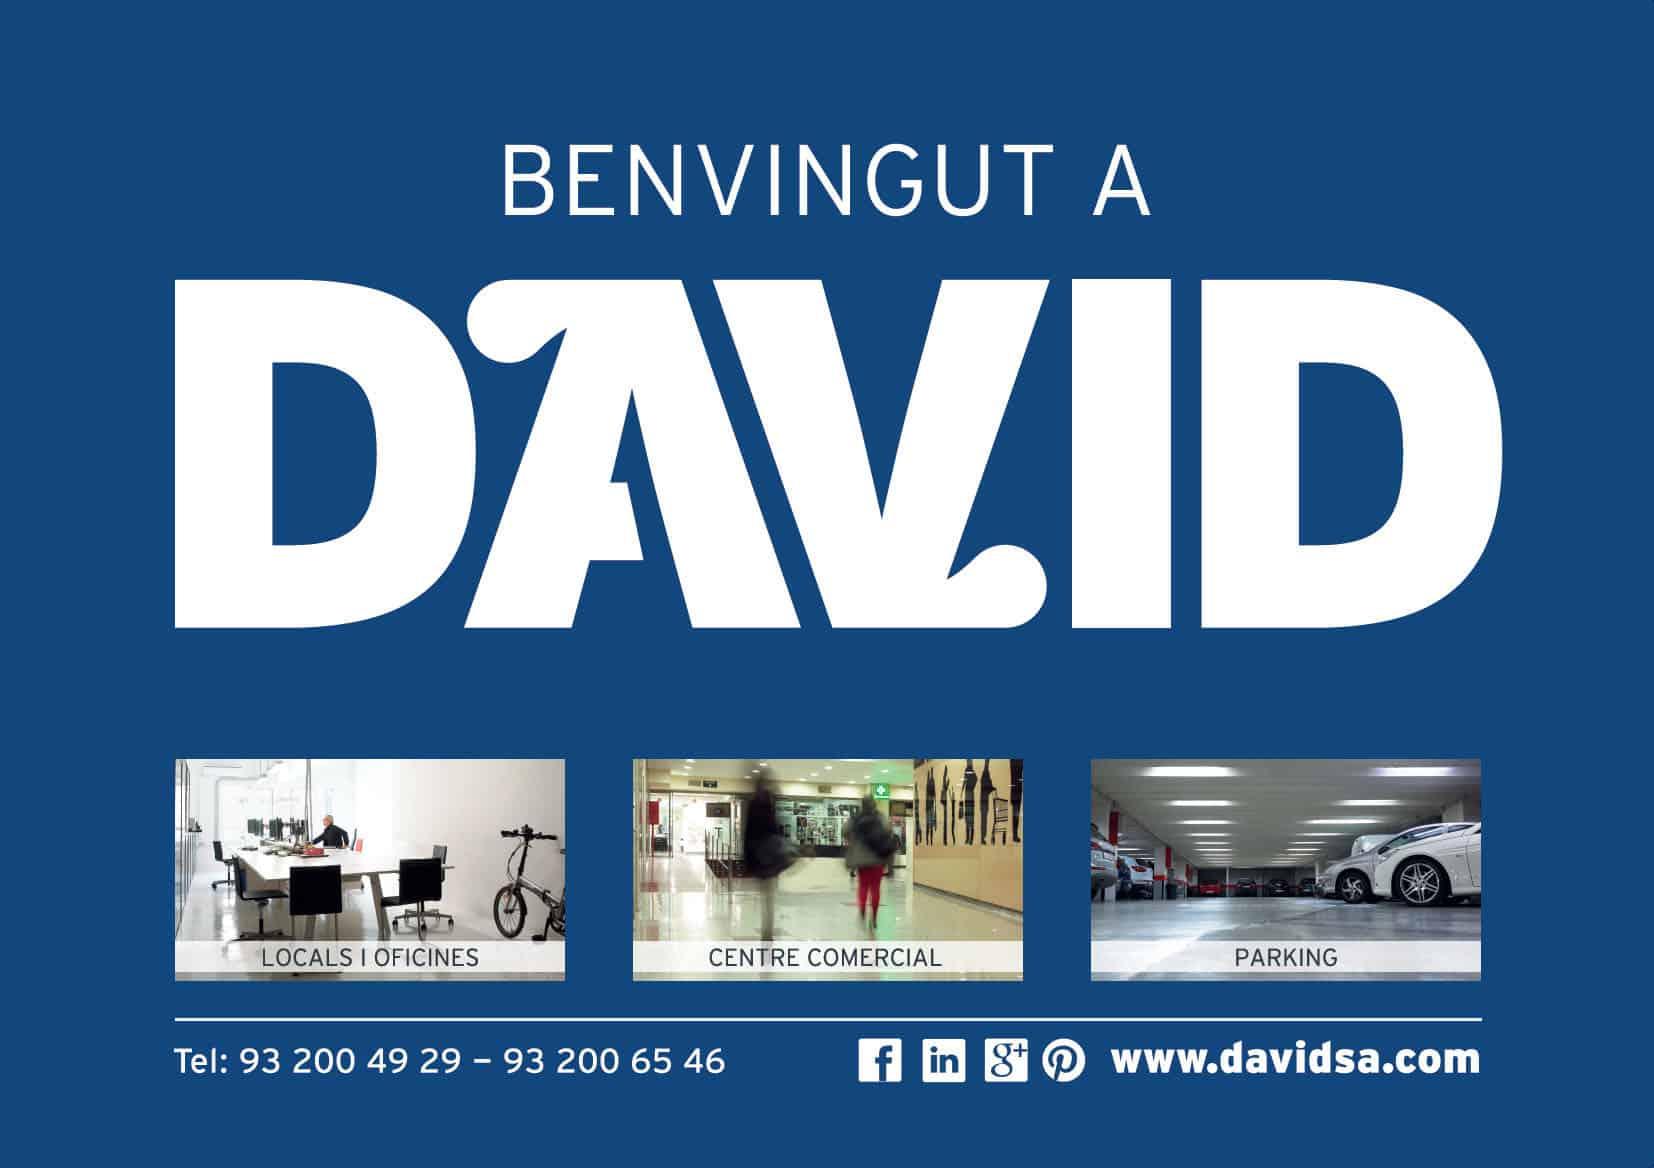 Marketing online inmobiliario Edificio David Barcelona